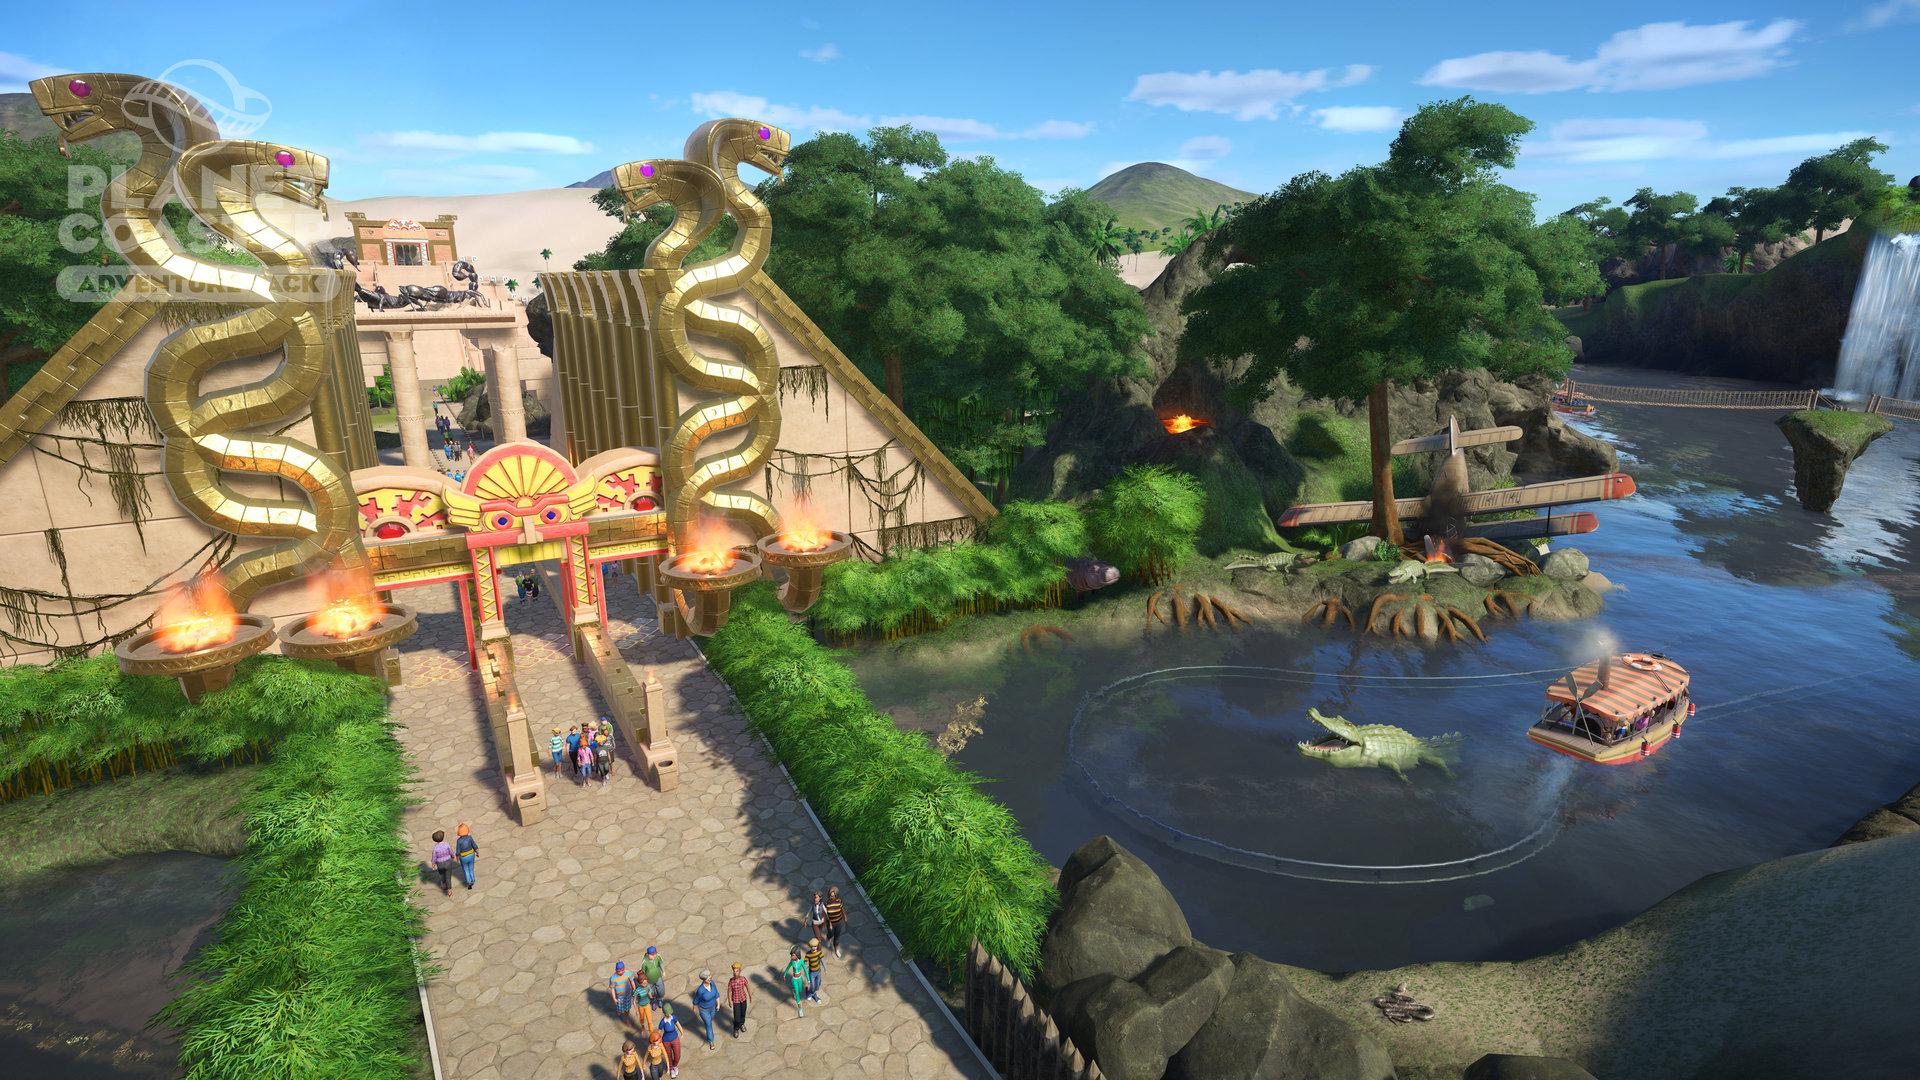 gambar game planet coaster Game Pc Simulator Terpopuler Sepanjang Tahun